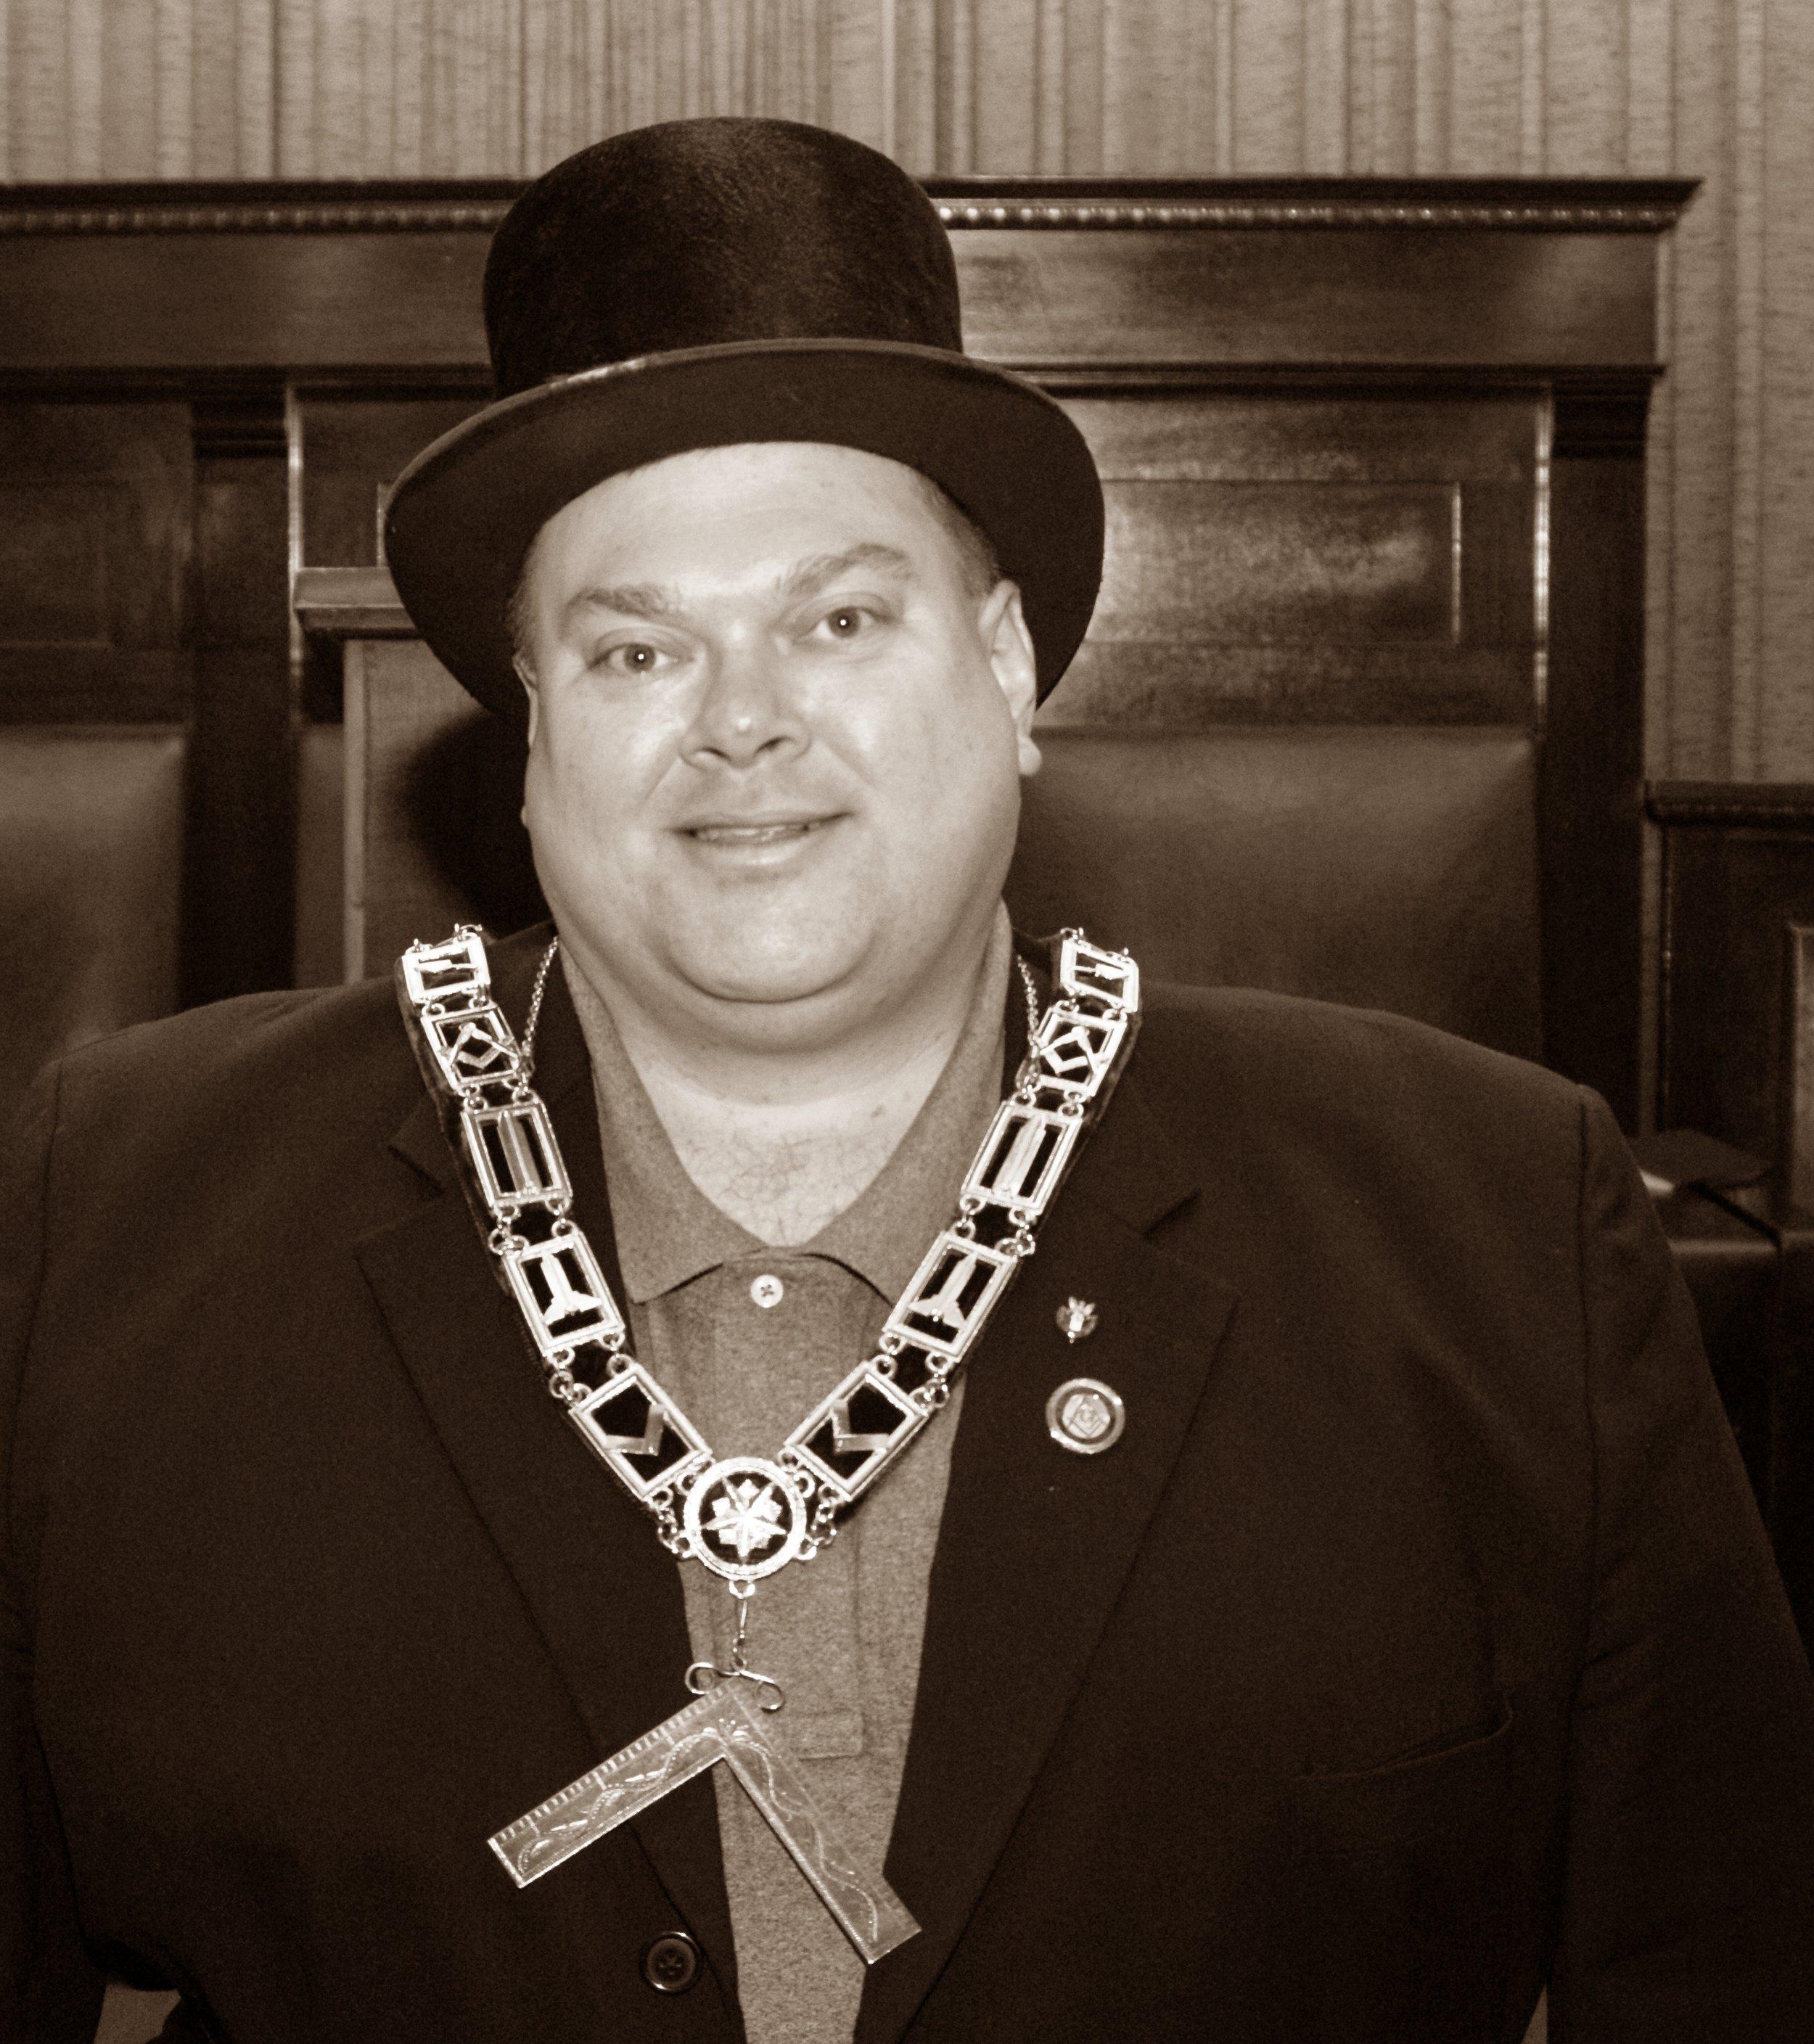 David L. Rose, 2010-2014